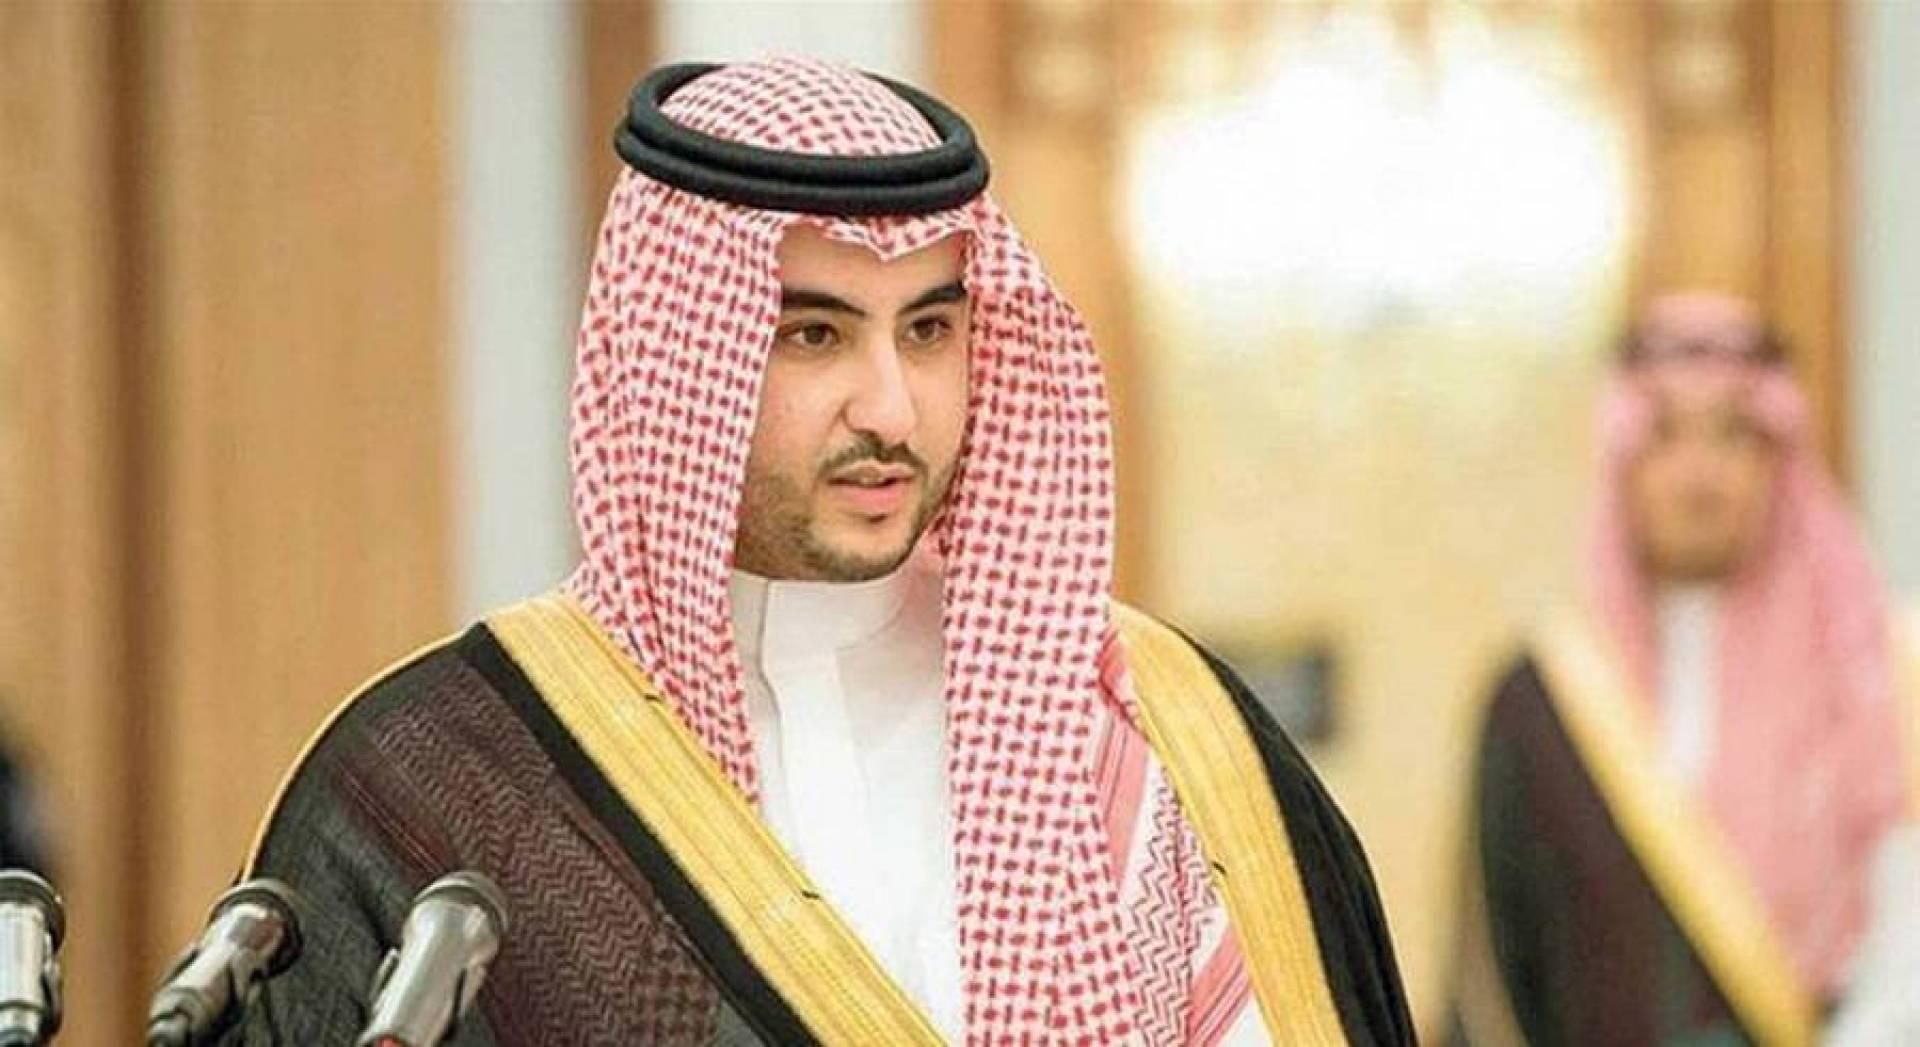 خالد بن سلمان: رفيق الحريري كان قائداً وطنياً مصلحاً